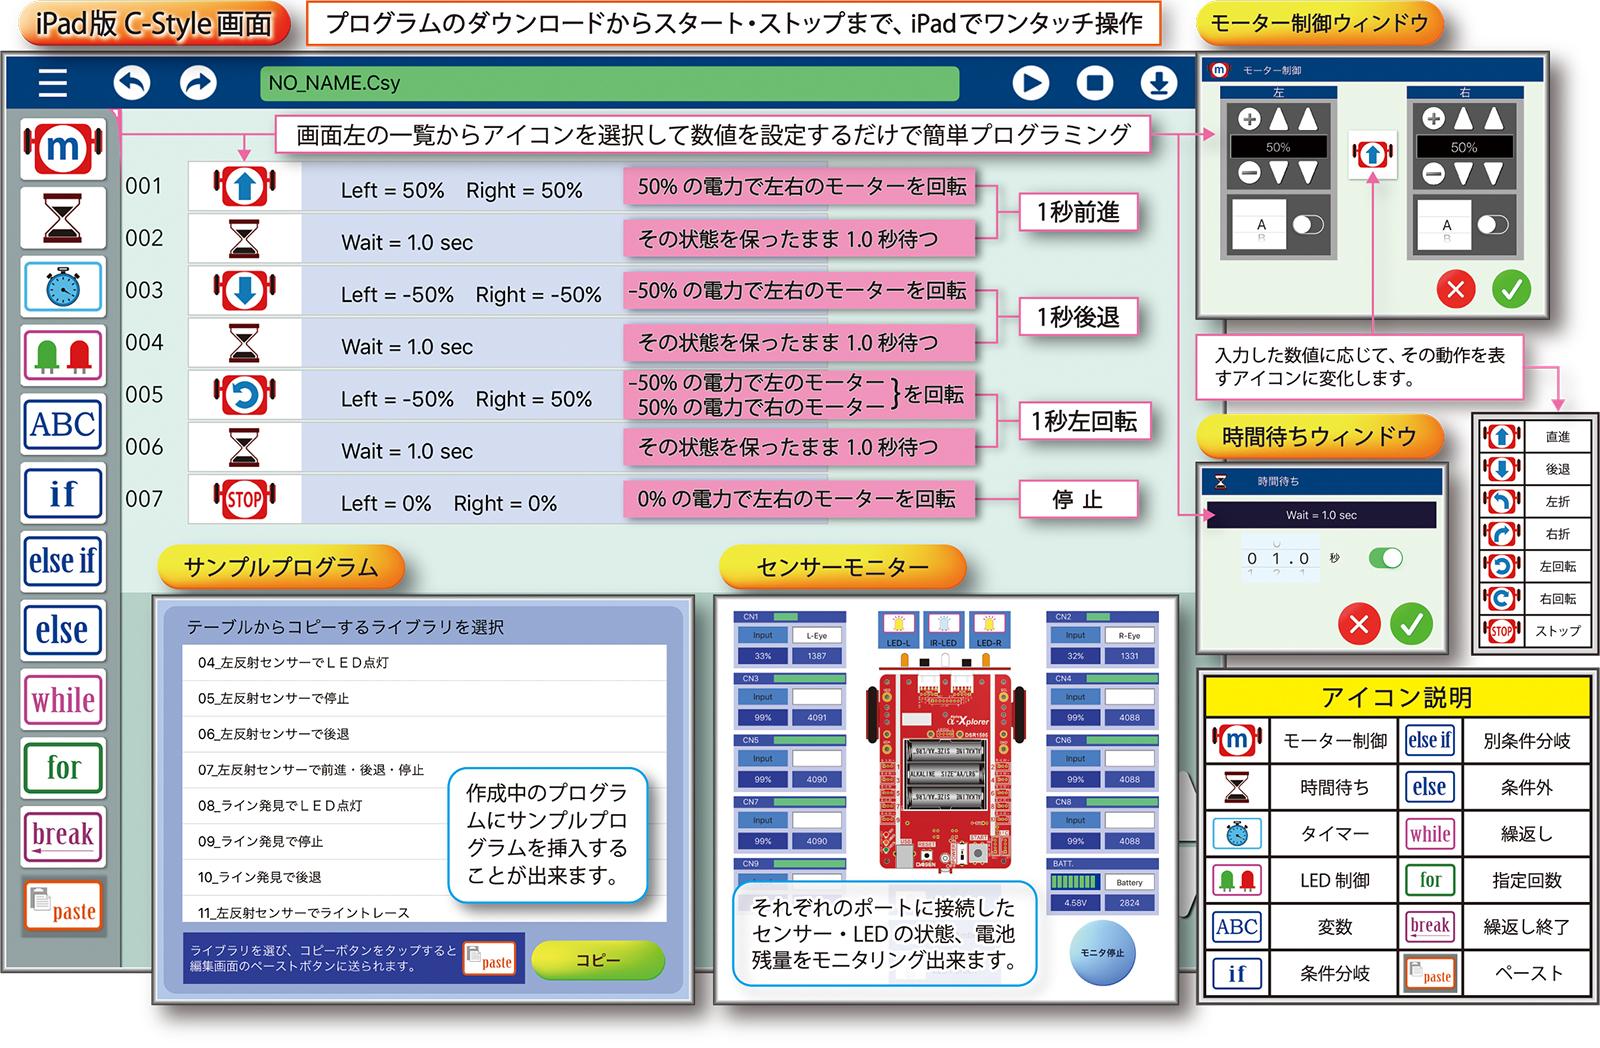 プログラミングアプリ『iPad版C-Style for α-Xplorer(アルファ・エクスプローラ)』